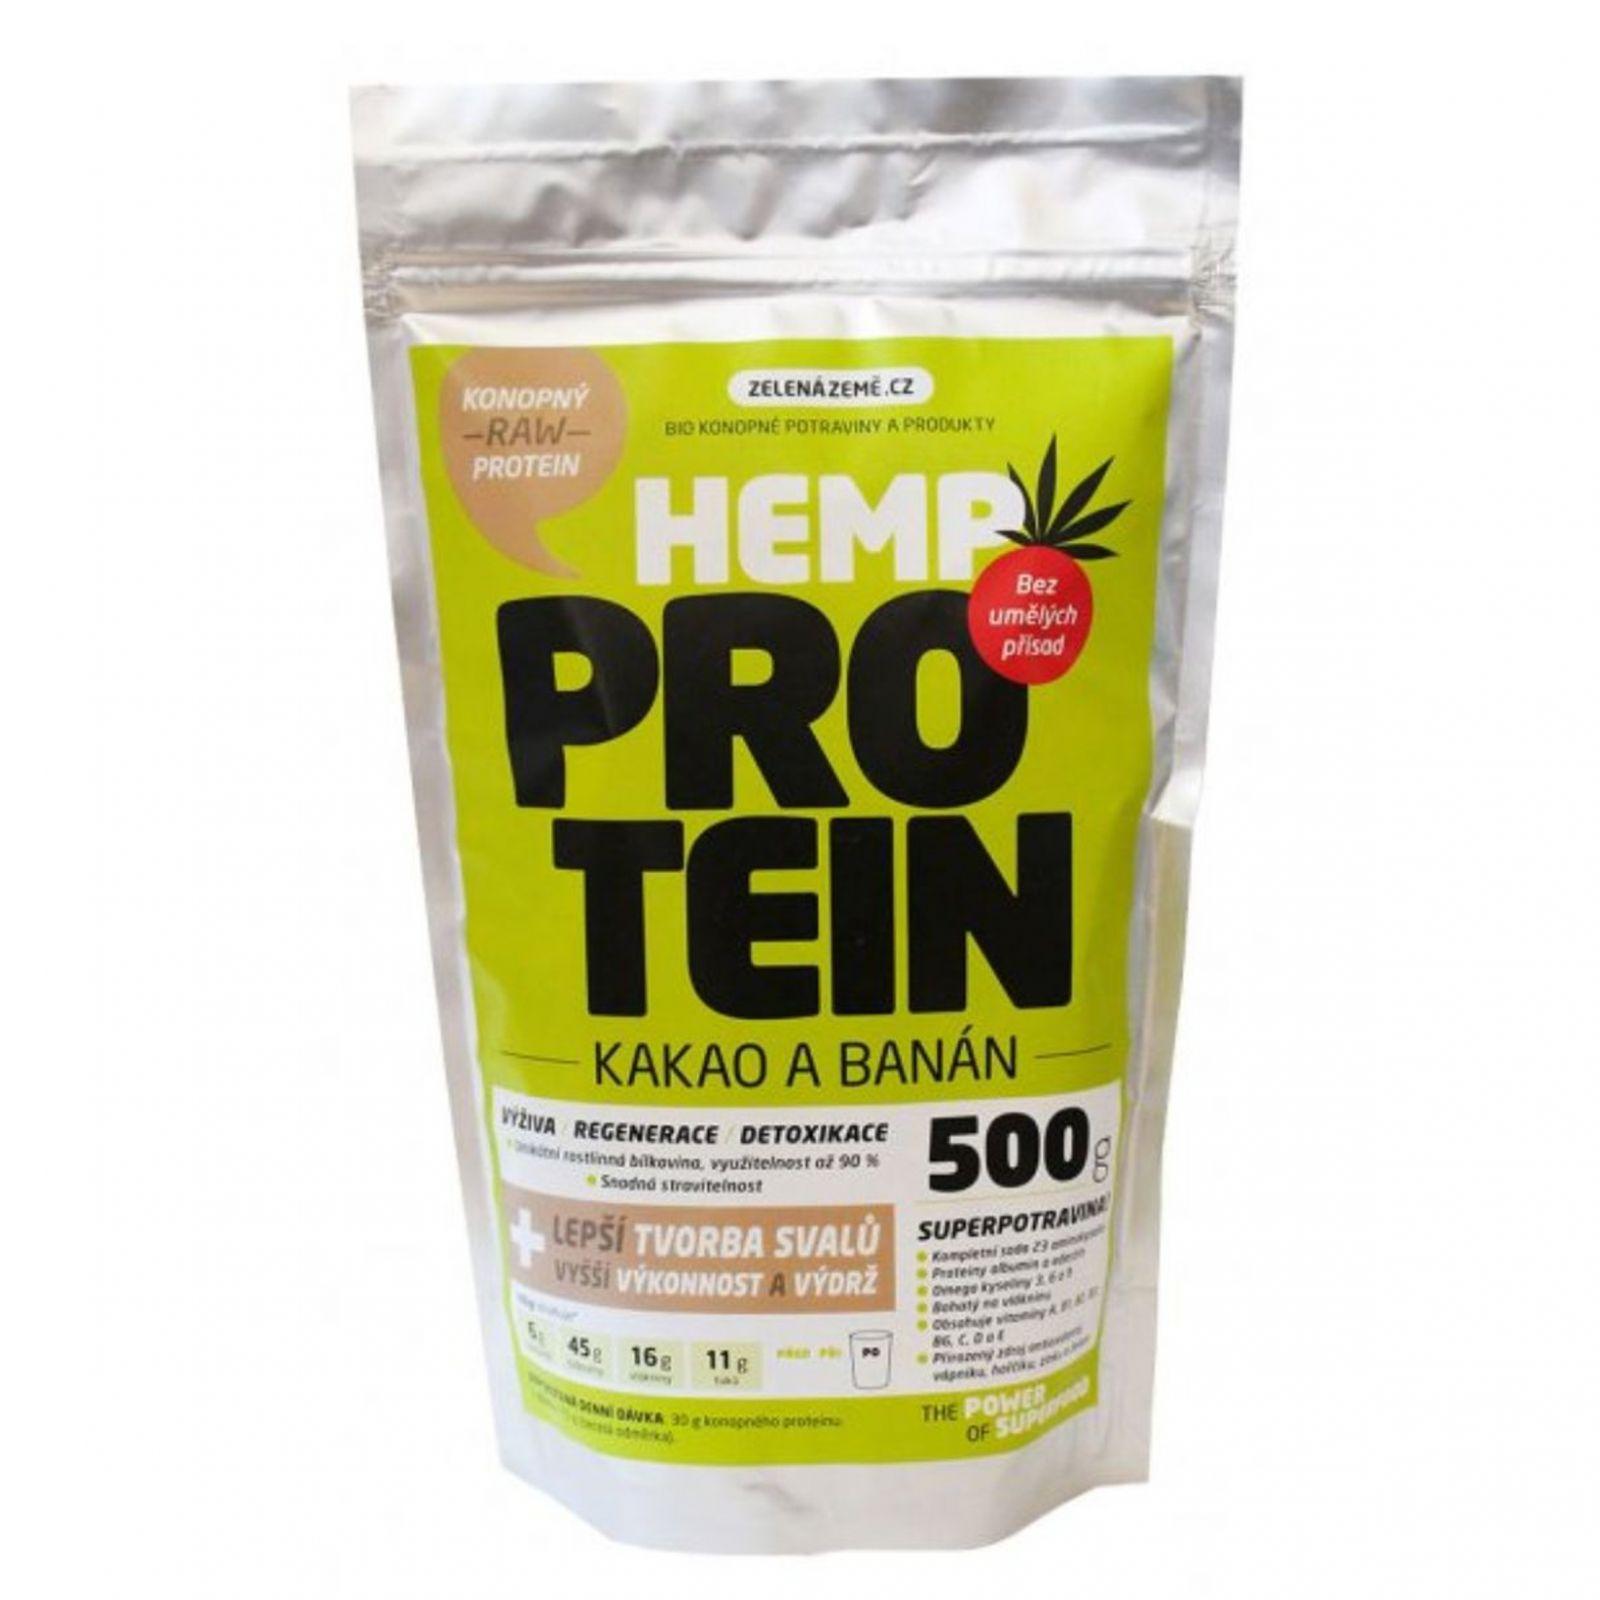 Zelená země Konopný protein 500g